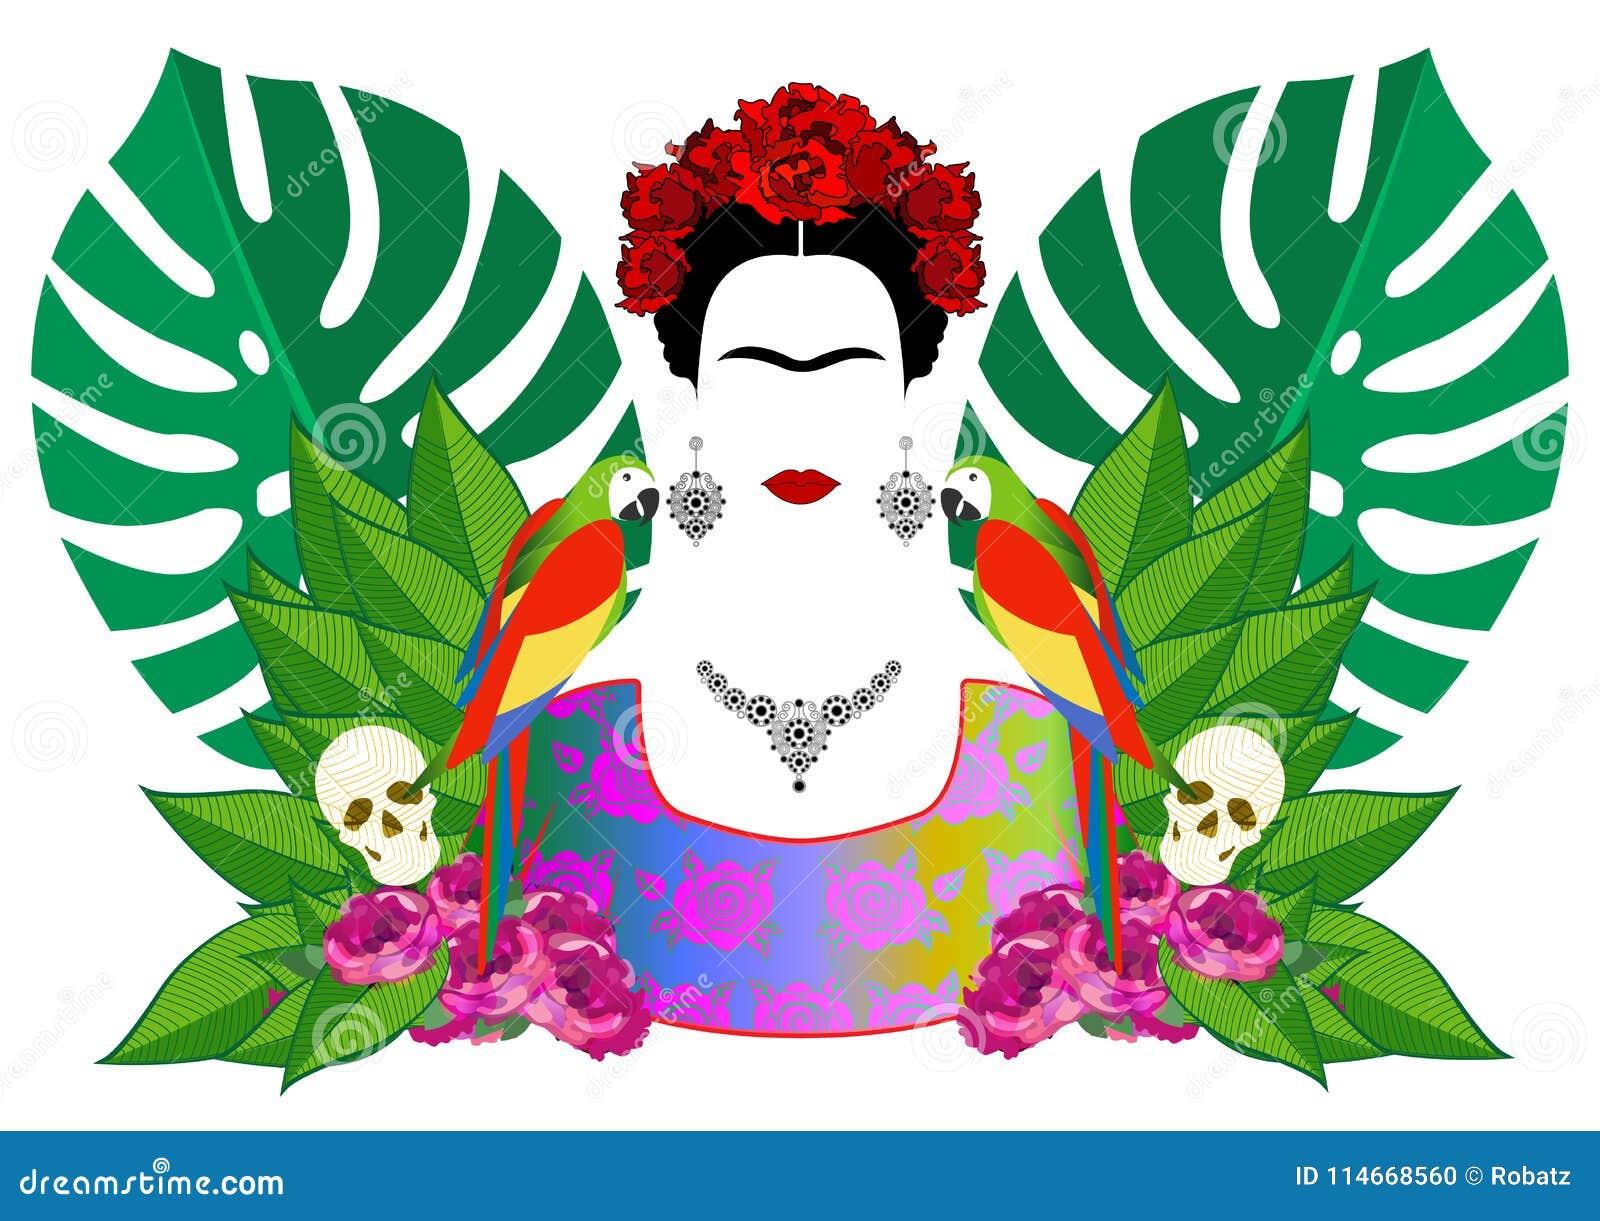 Imagenes De Frida Kahlo Animada Para Colorear: Frida Kahlo Vector Portrait , Young Beautiful Mexican